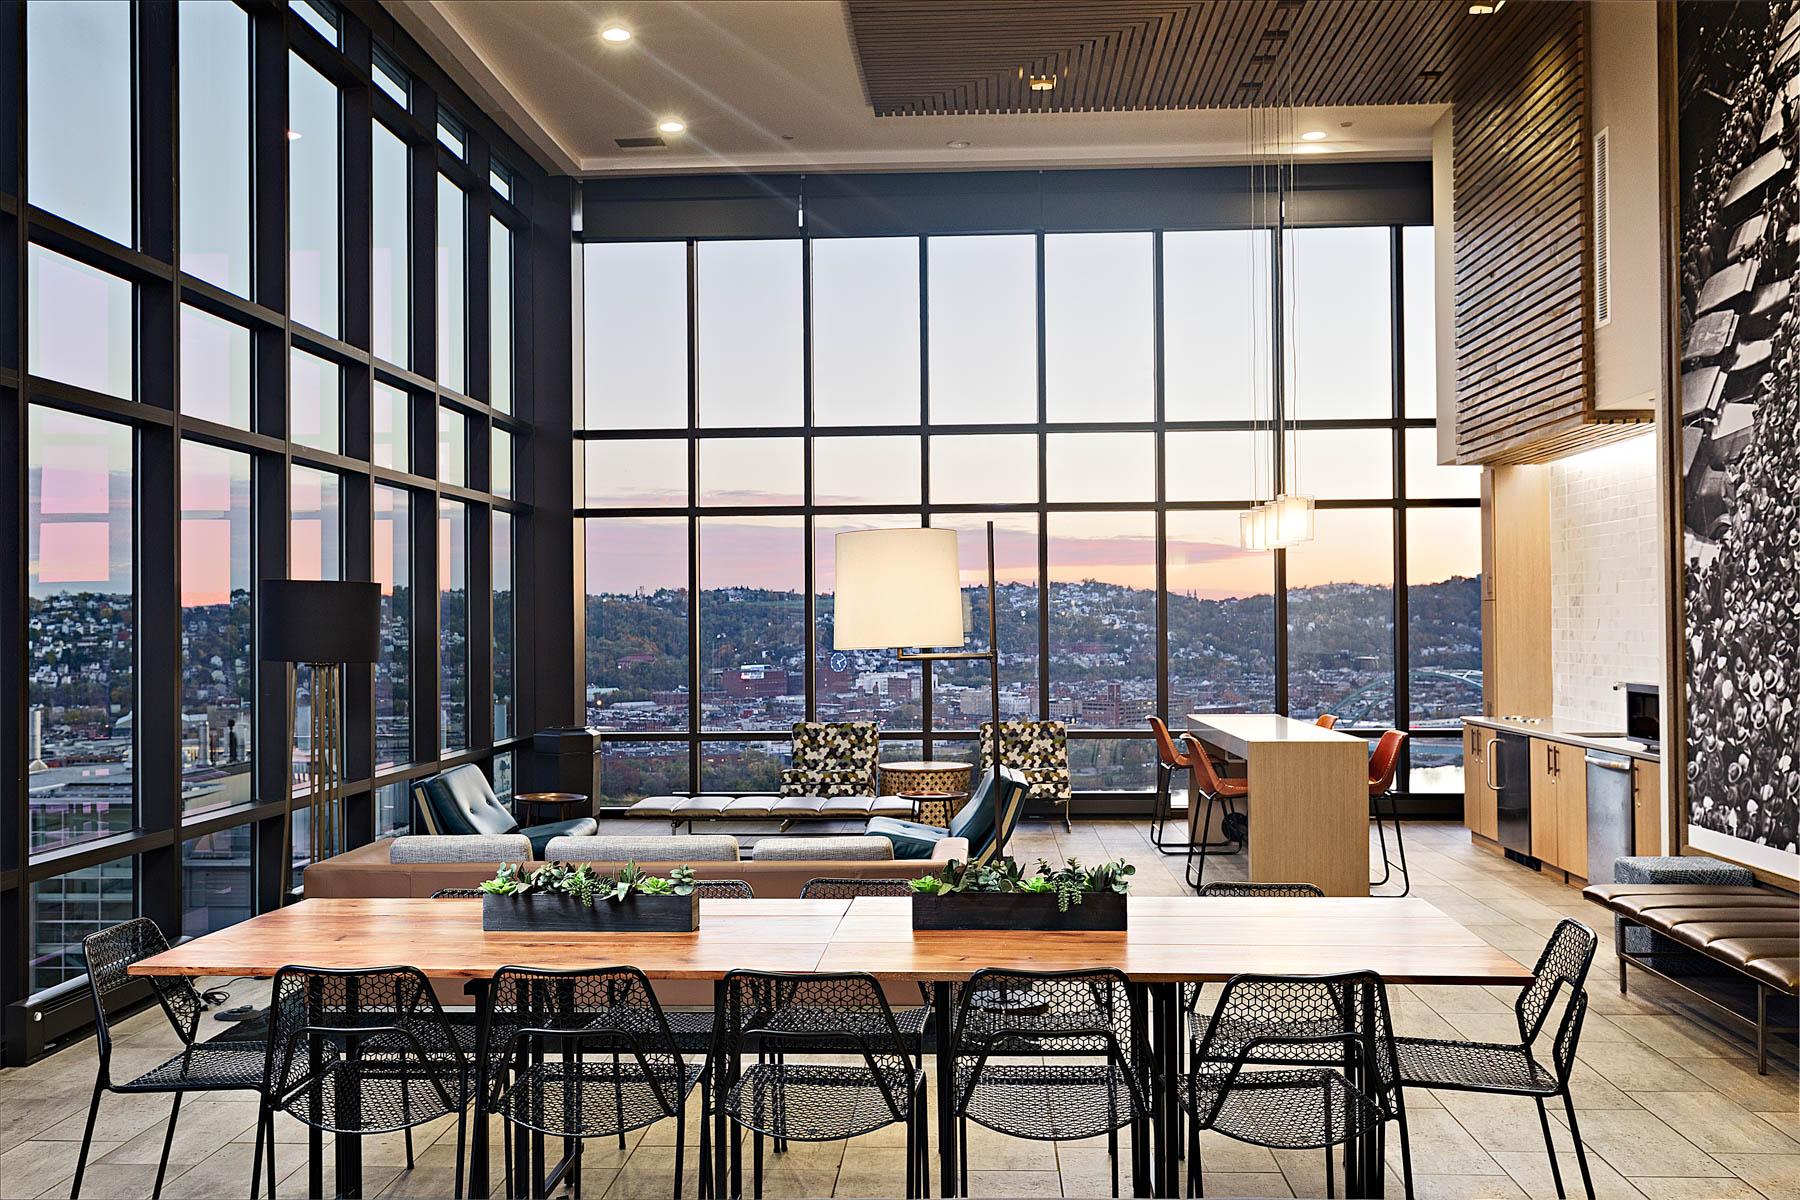 SkyVue-Apartments-61.jpg